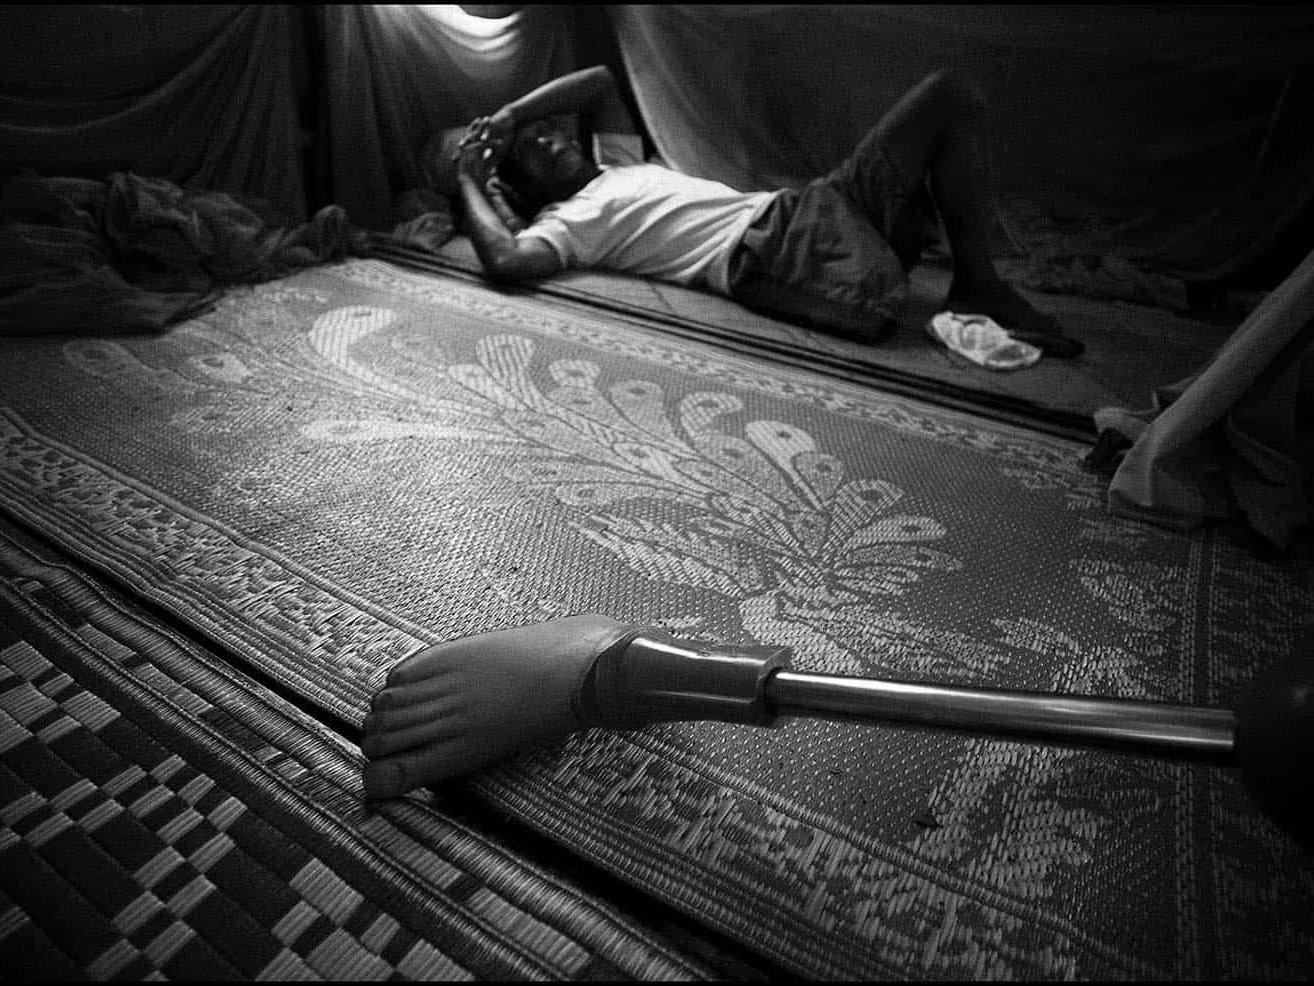 vietnam photographer possible life binhdang 12